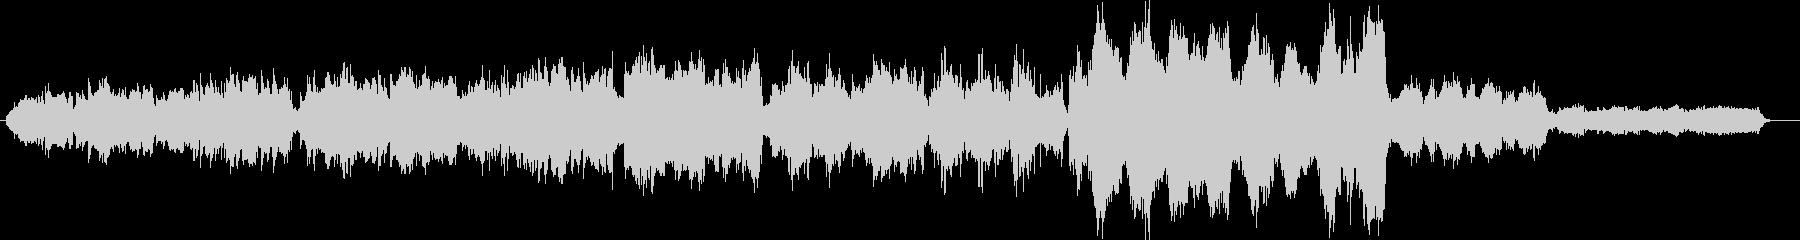 Te Deumの前奏曲の未再生の波形